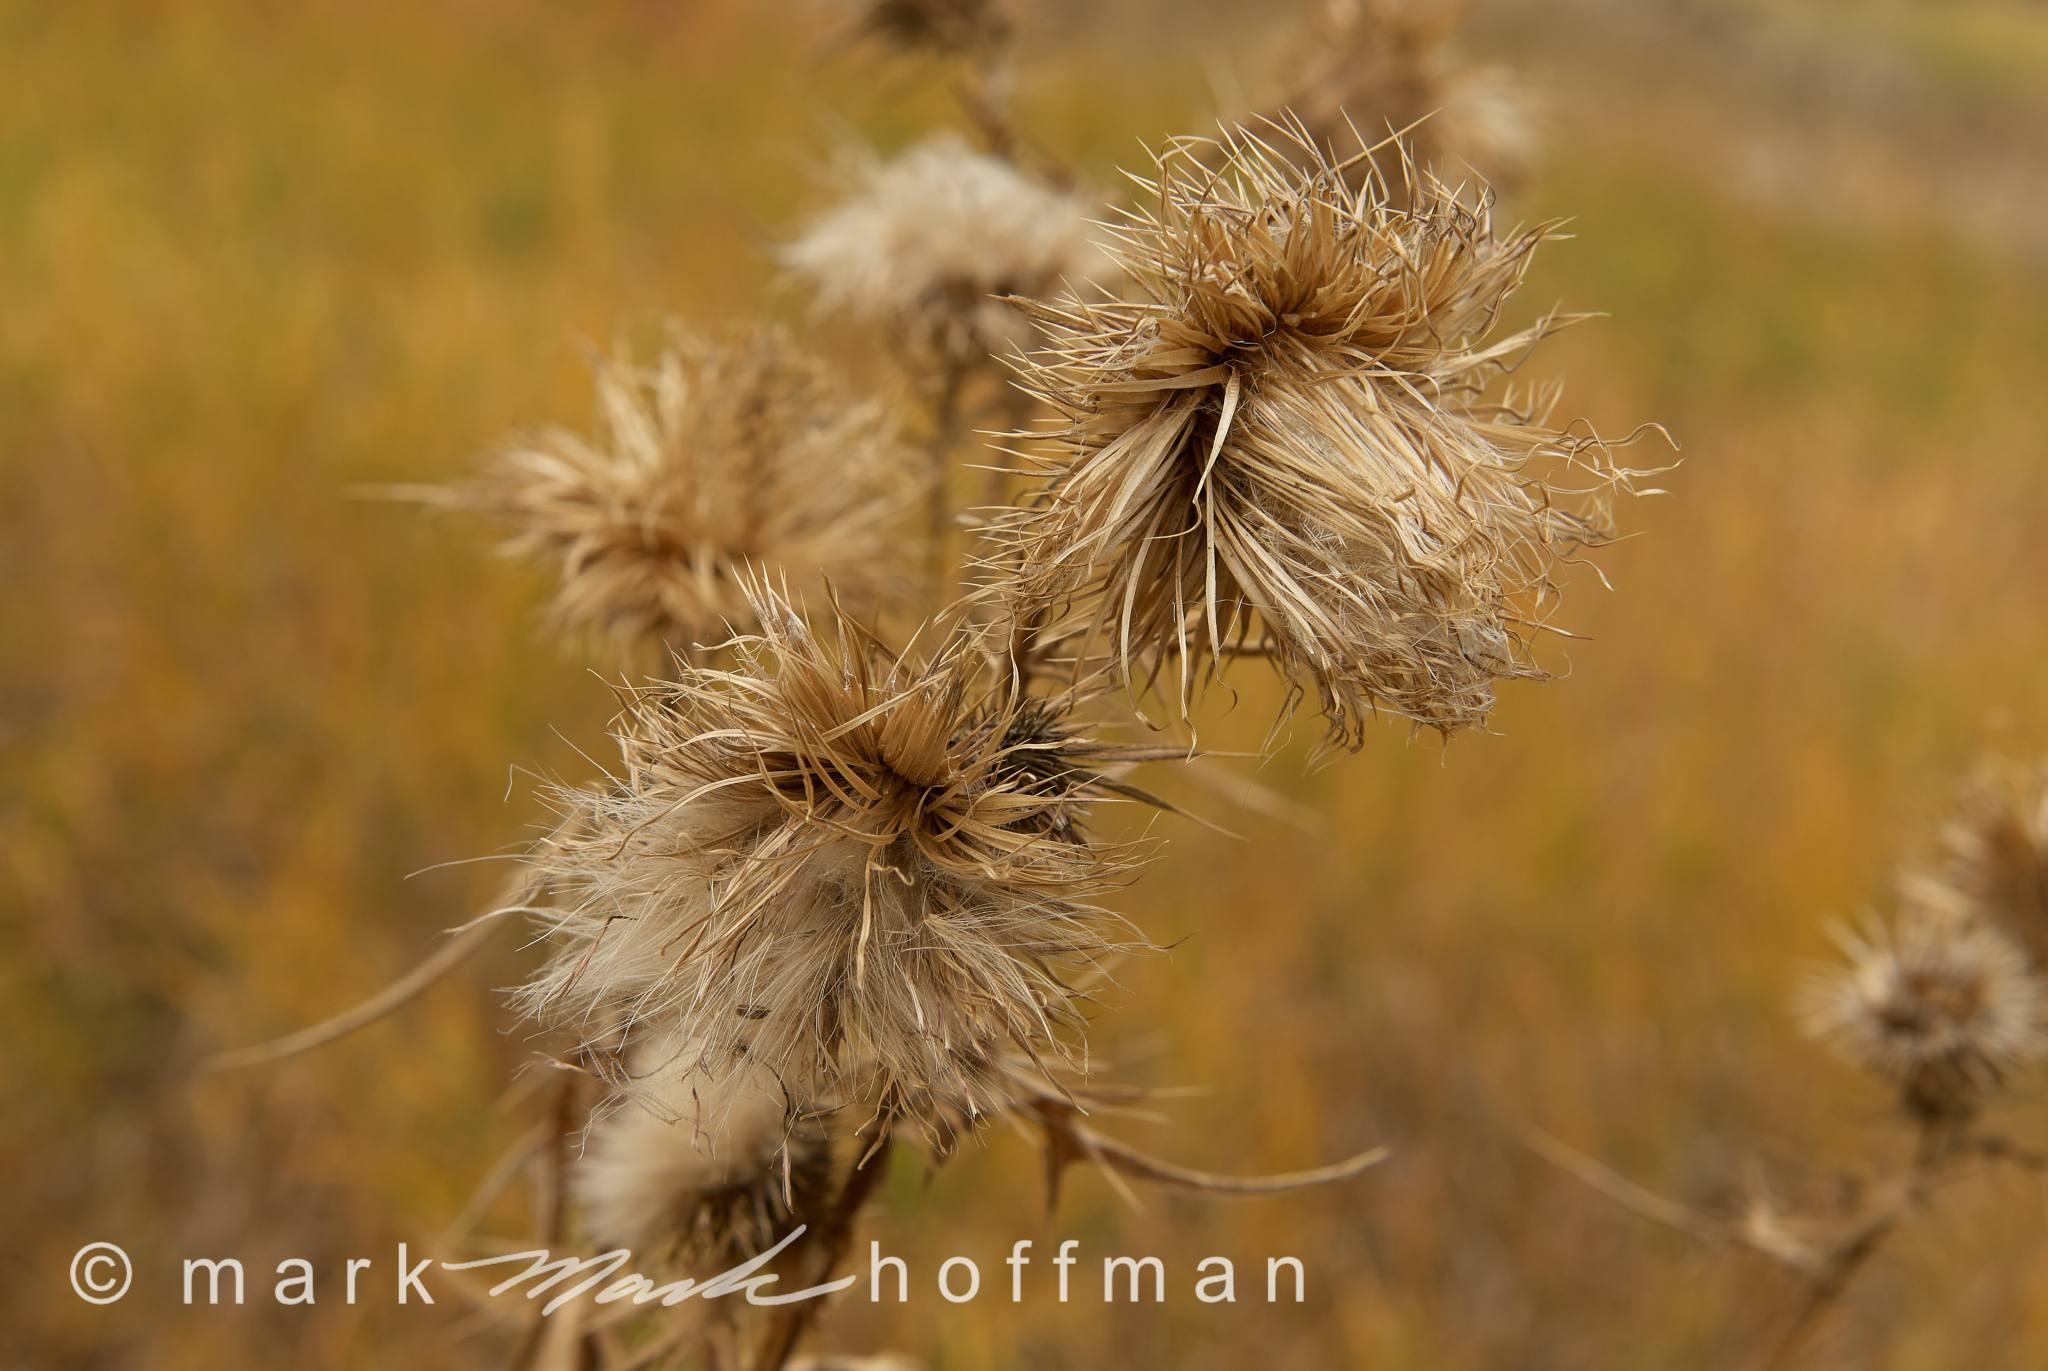 Mark_Hoffman_photophart_ND22185_cap1_var1.jpg